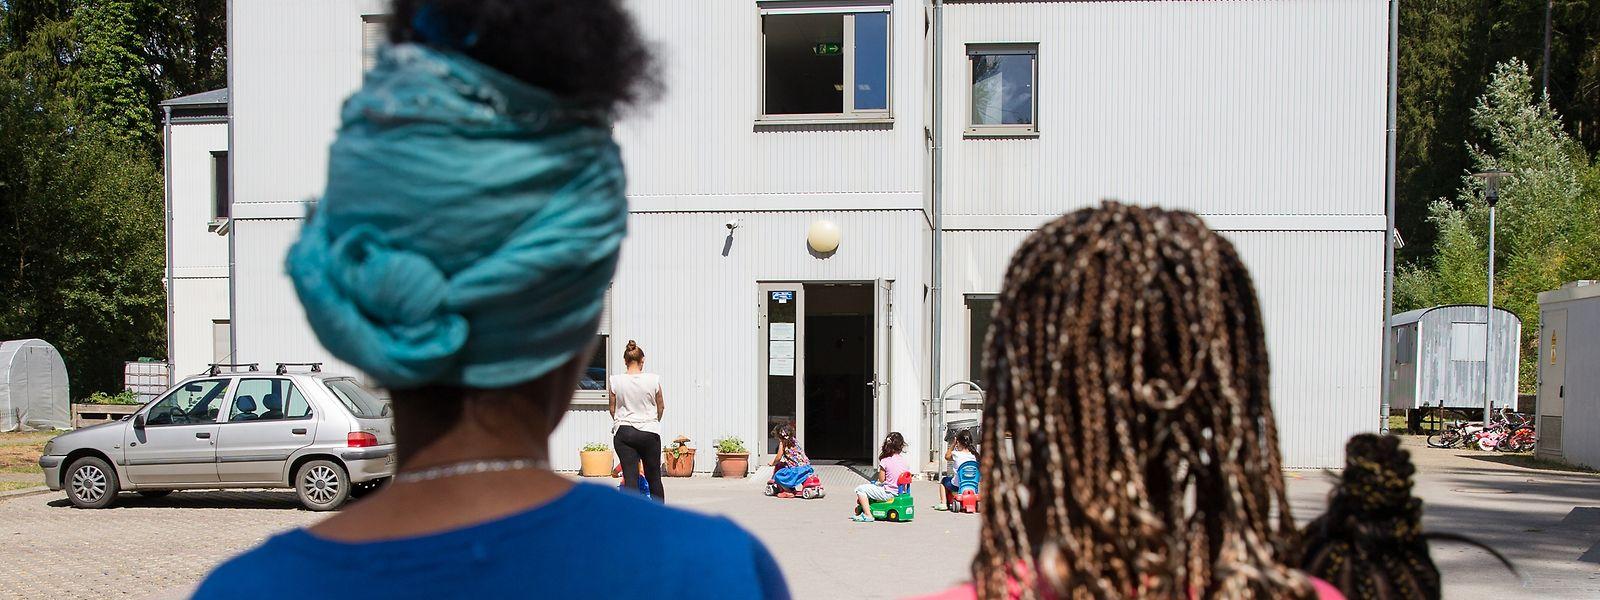 Flüchtlinge im Foyer pour refugiés Marienthal.